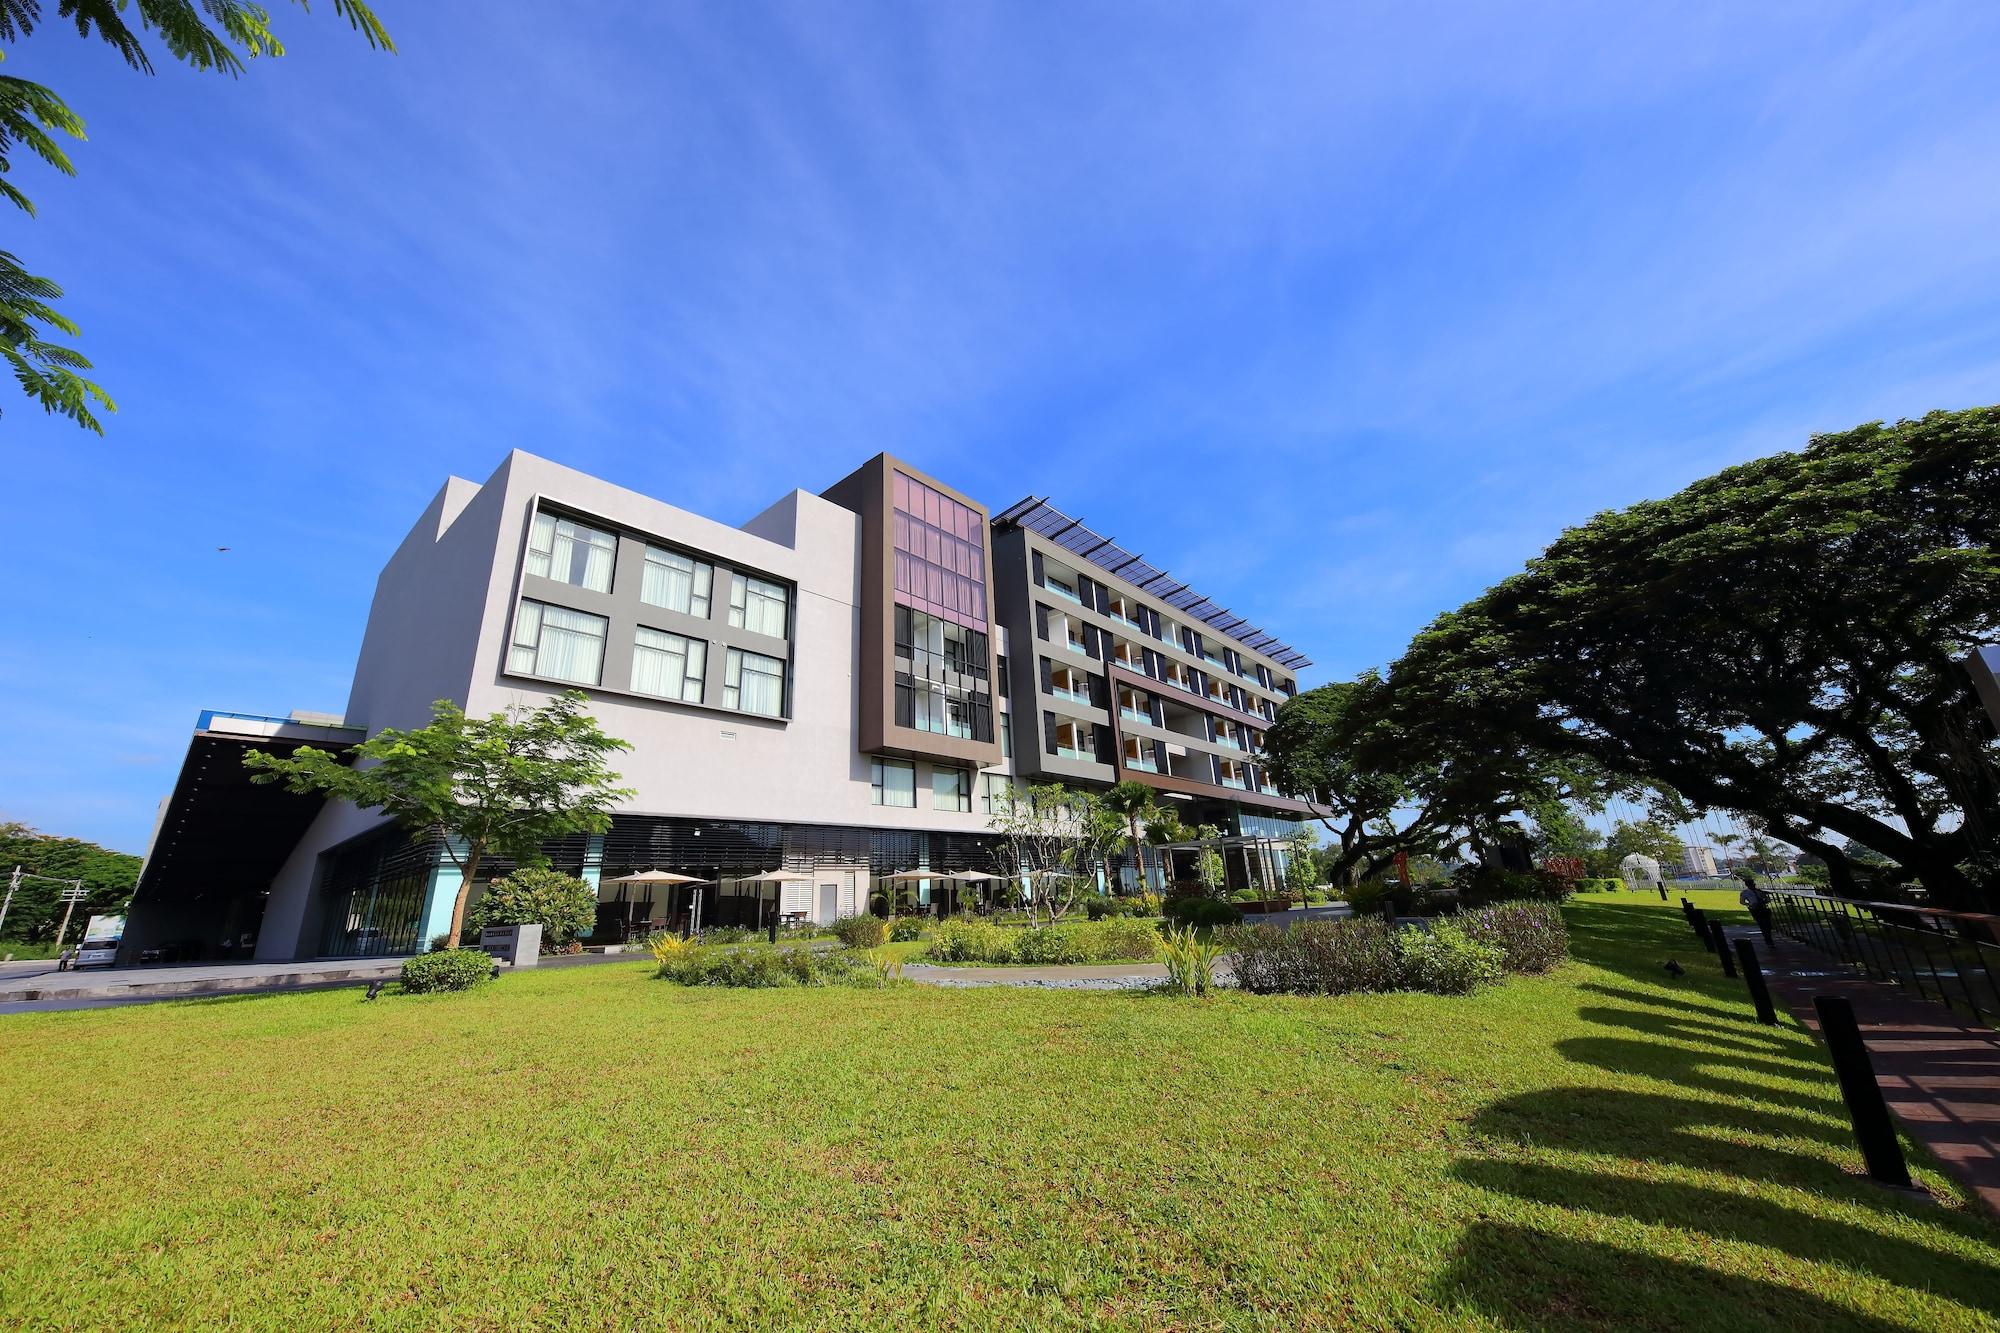 Midori Clark Hotel and Casino, Mabalacat